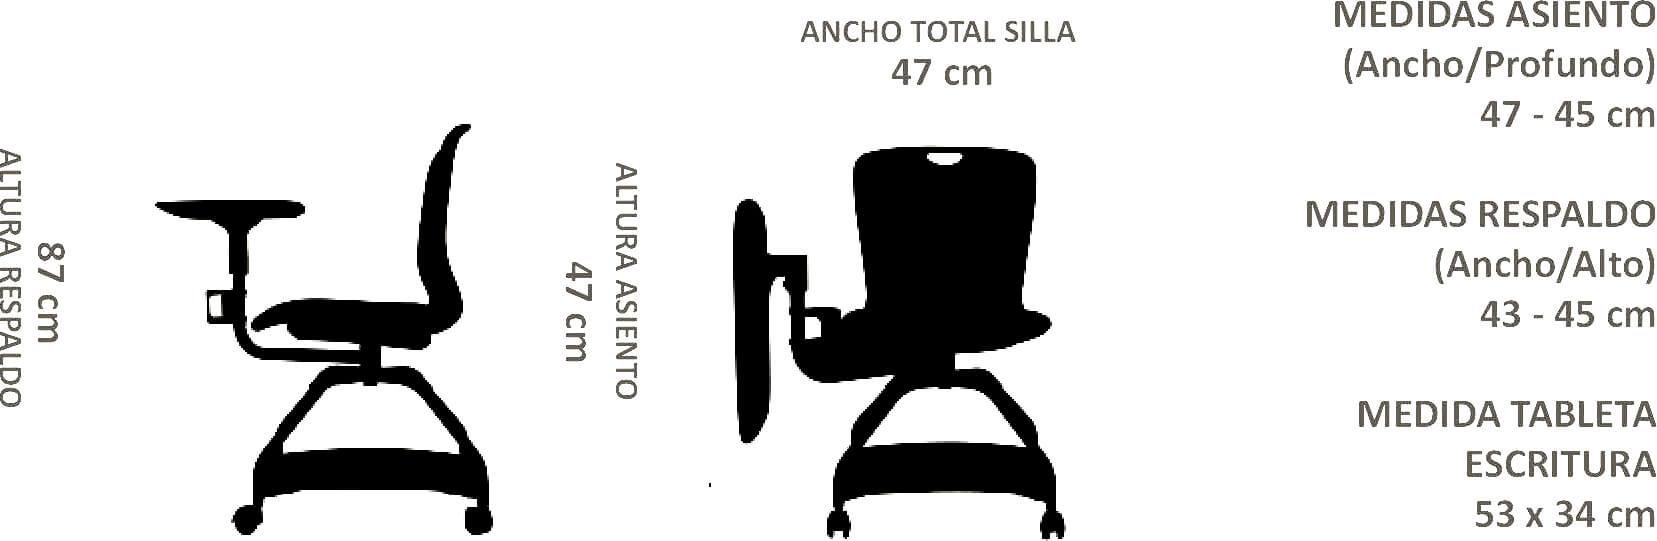 silla universitaria tiber